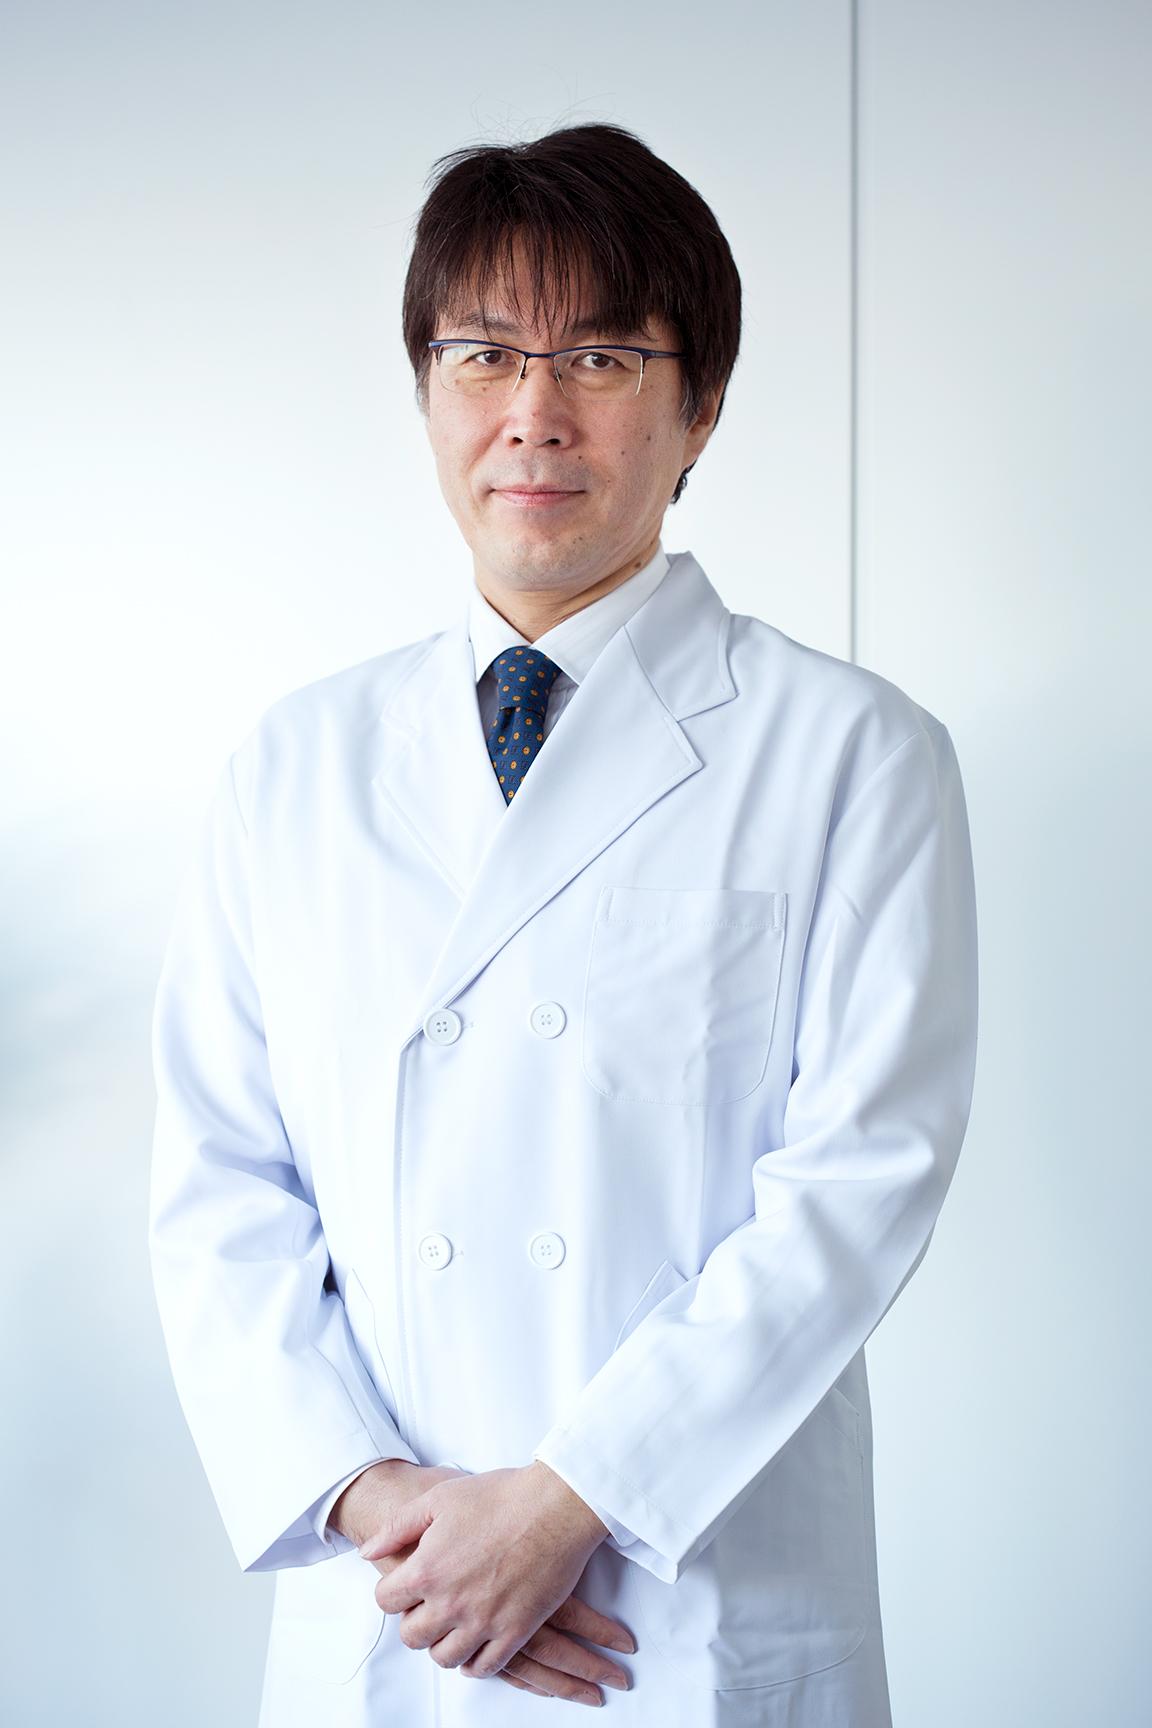 株式会社セルバンク代表取締役 北條元治